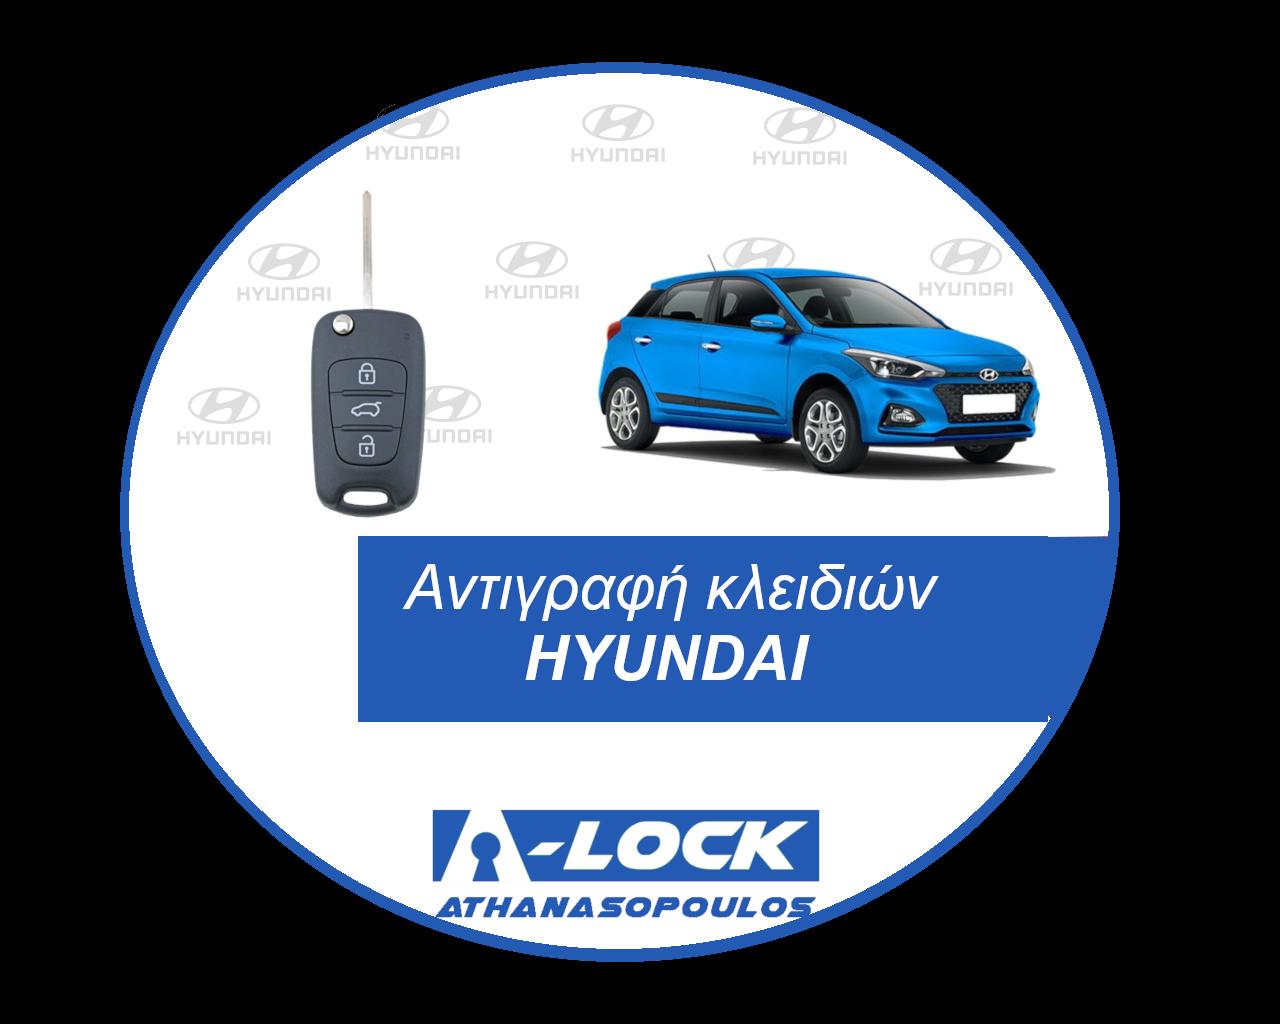 Αντιγραφές Κλειδιών Immobilizer Αυτοκινήτου HYUNDAI - 24 Ωρες Κλειδαράς Γαλάτσι A-Lock Αθανασόπουλος